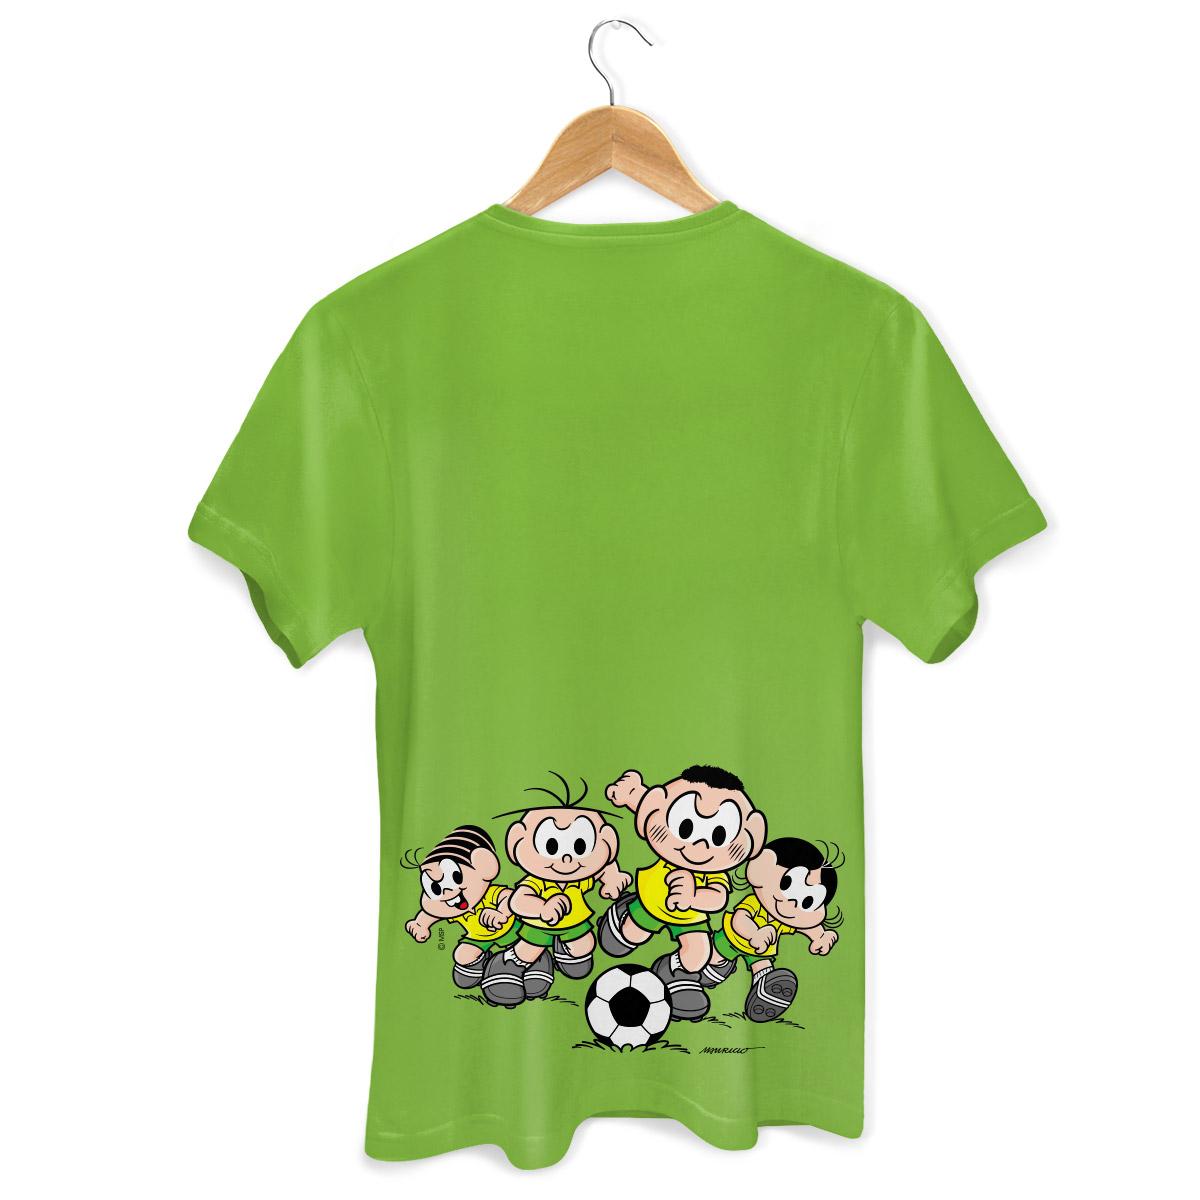 Camiseta Masculina Turma da Mônica Brasão Mônica e Cebolinha